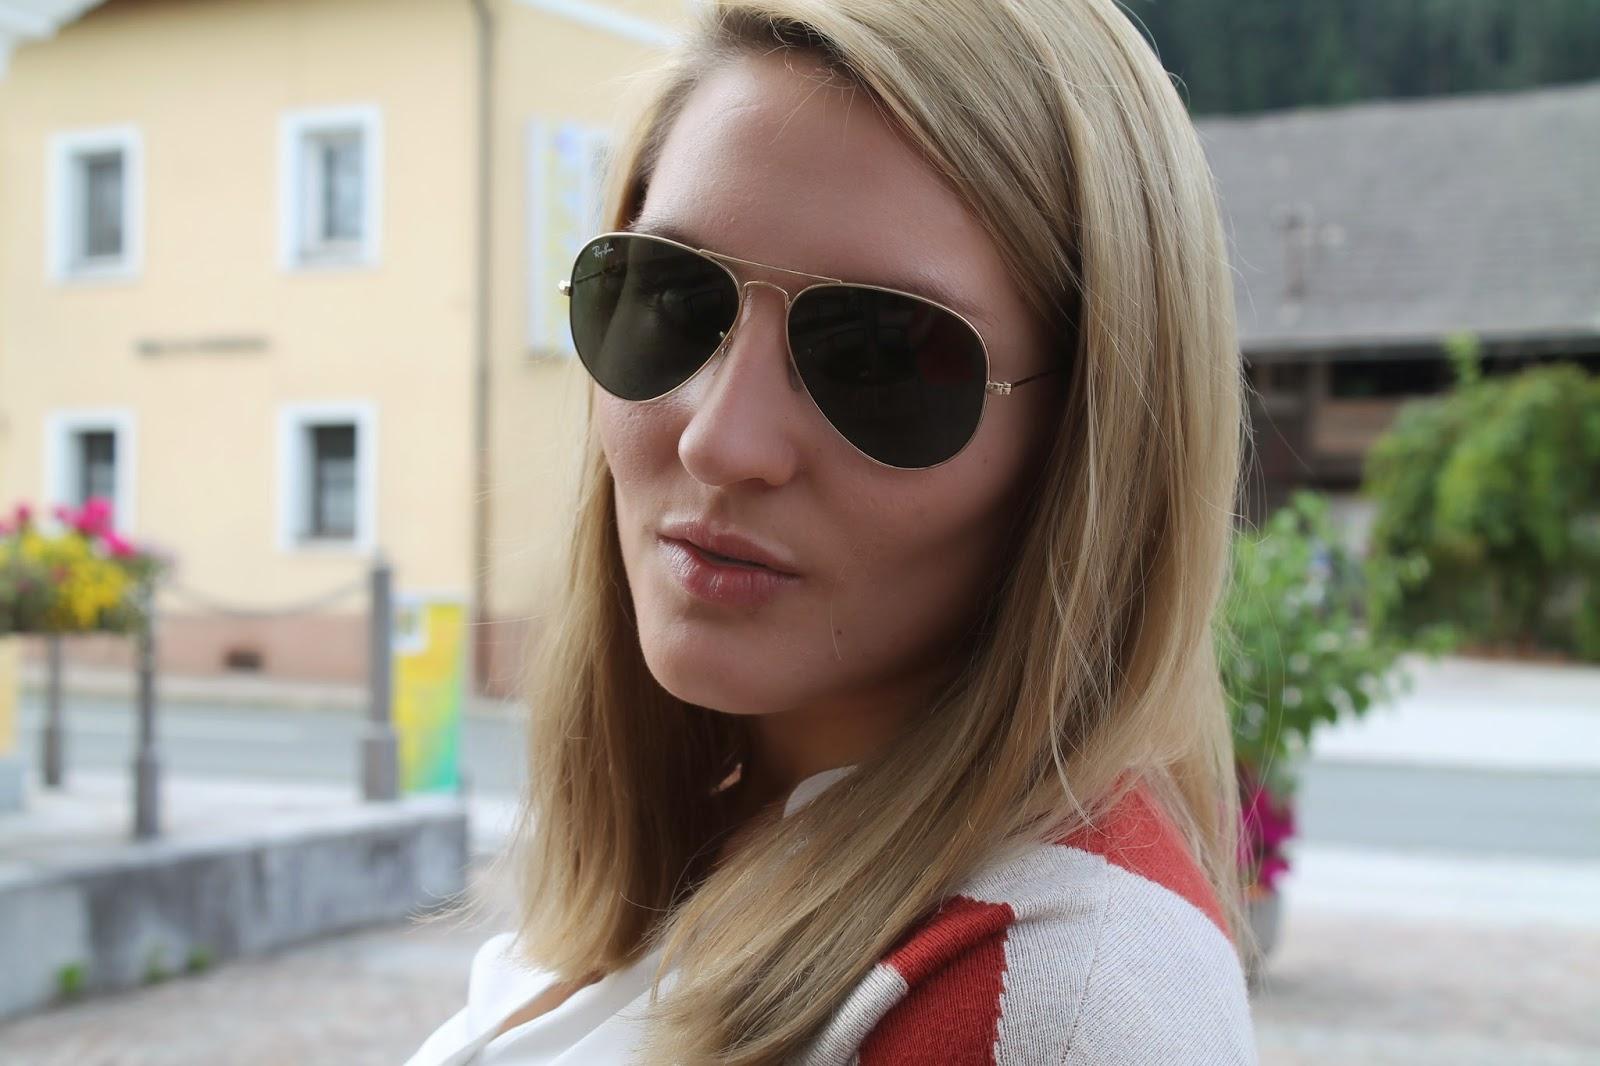 Fashionblogger Austria / Österreich / Deutsch / German / Kärnten / Carinthia / Klagenfurt / Köttmannsdorf / Spring Look / Classy / Edgy / Summer / Summer Style 2014 / Summer Look / Fashionista Look / Esprit / Primark / Tally Weijl / Louis Vuitton / Ann Christine / Only / Forever 21 / Ray Ban/